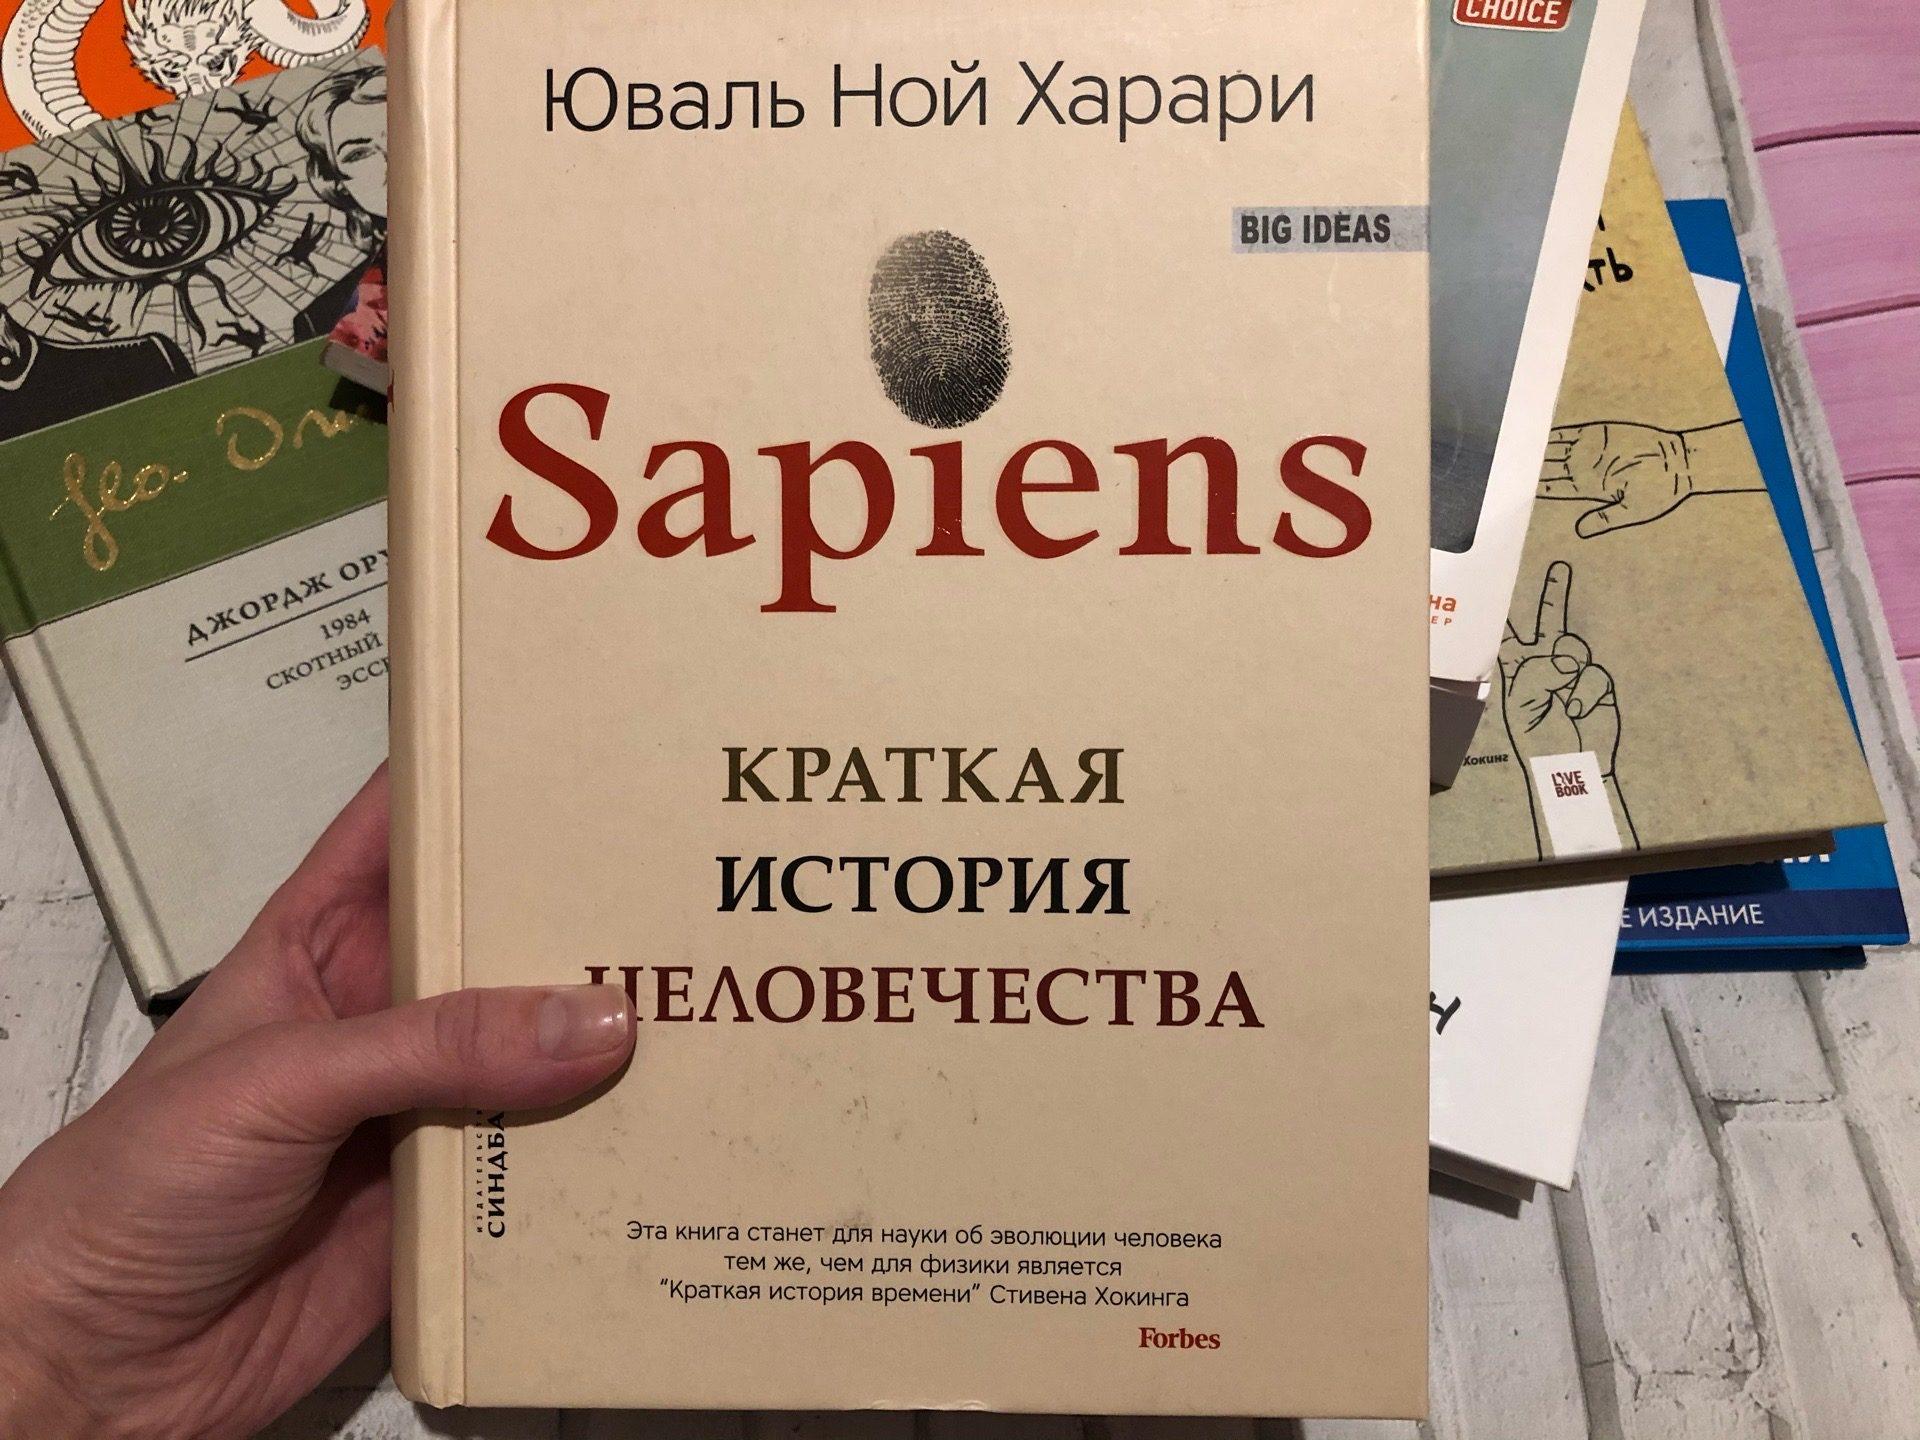 Список книг для саморазвития